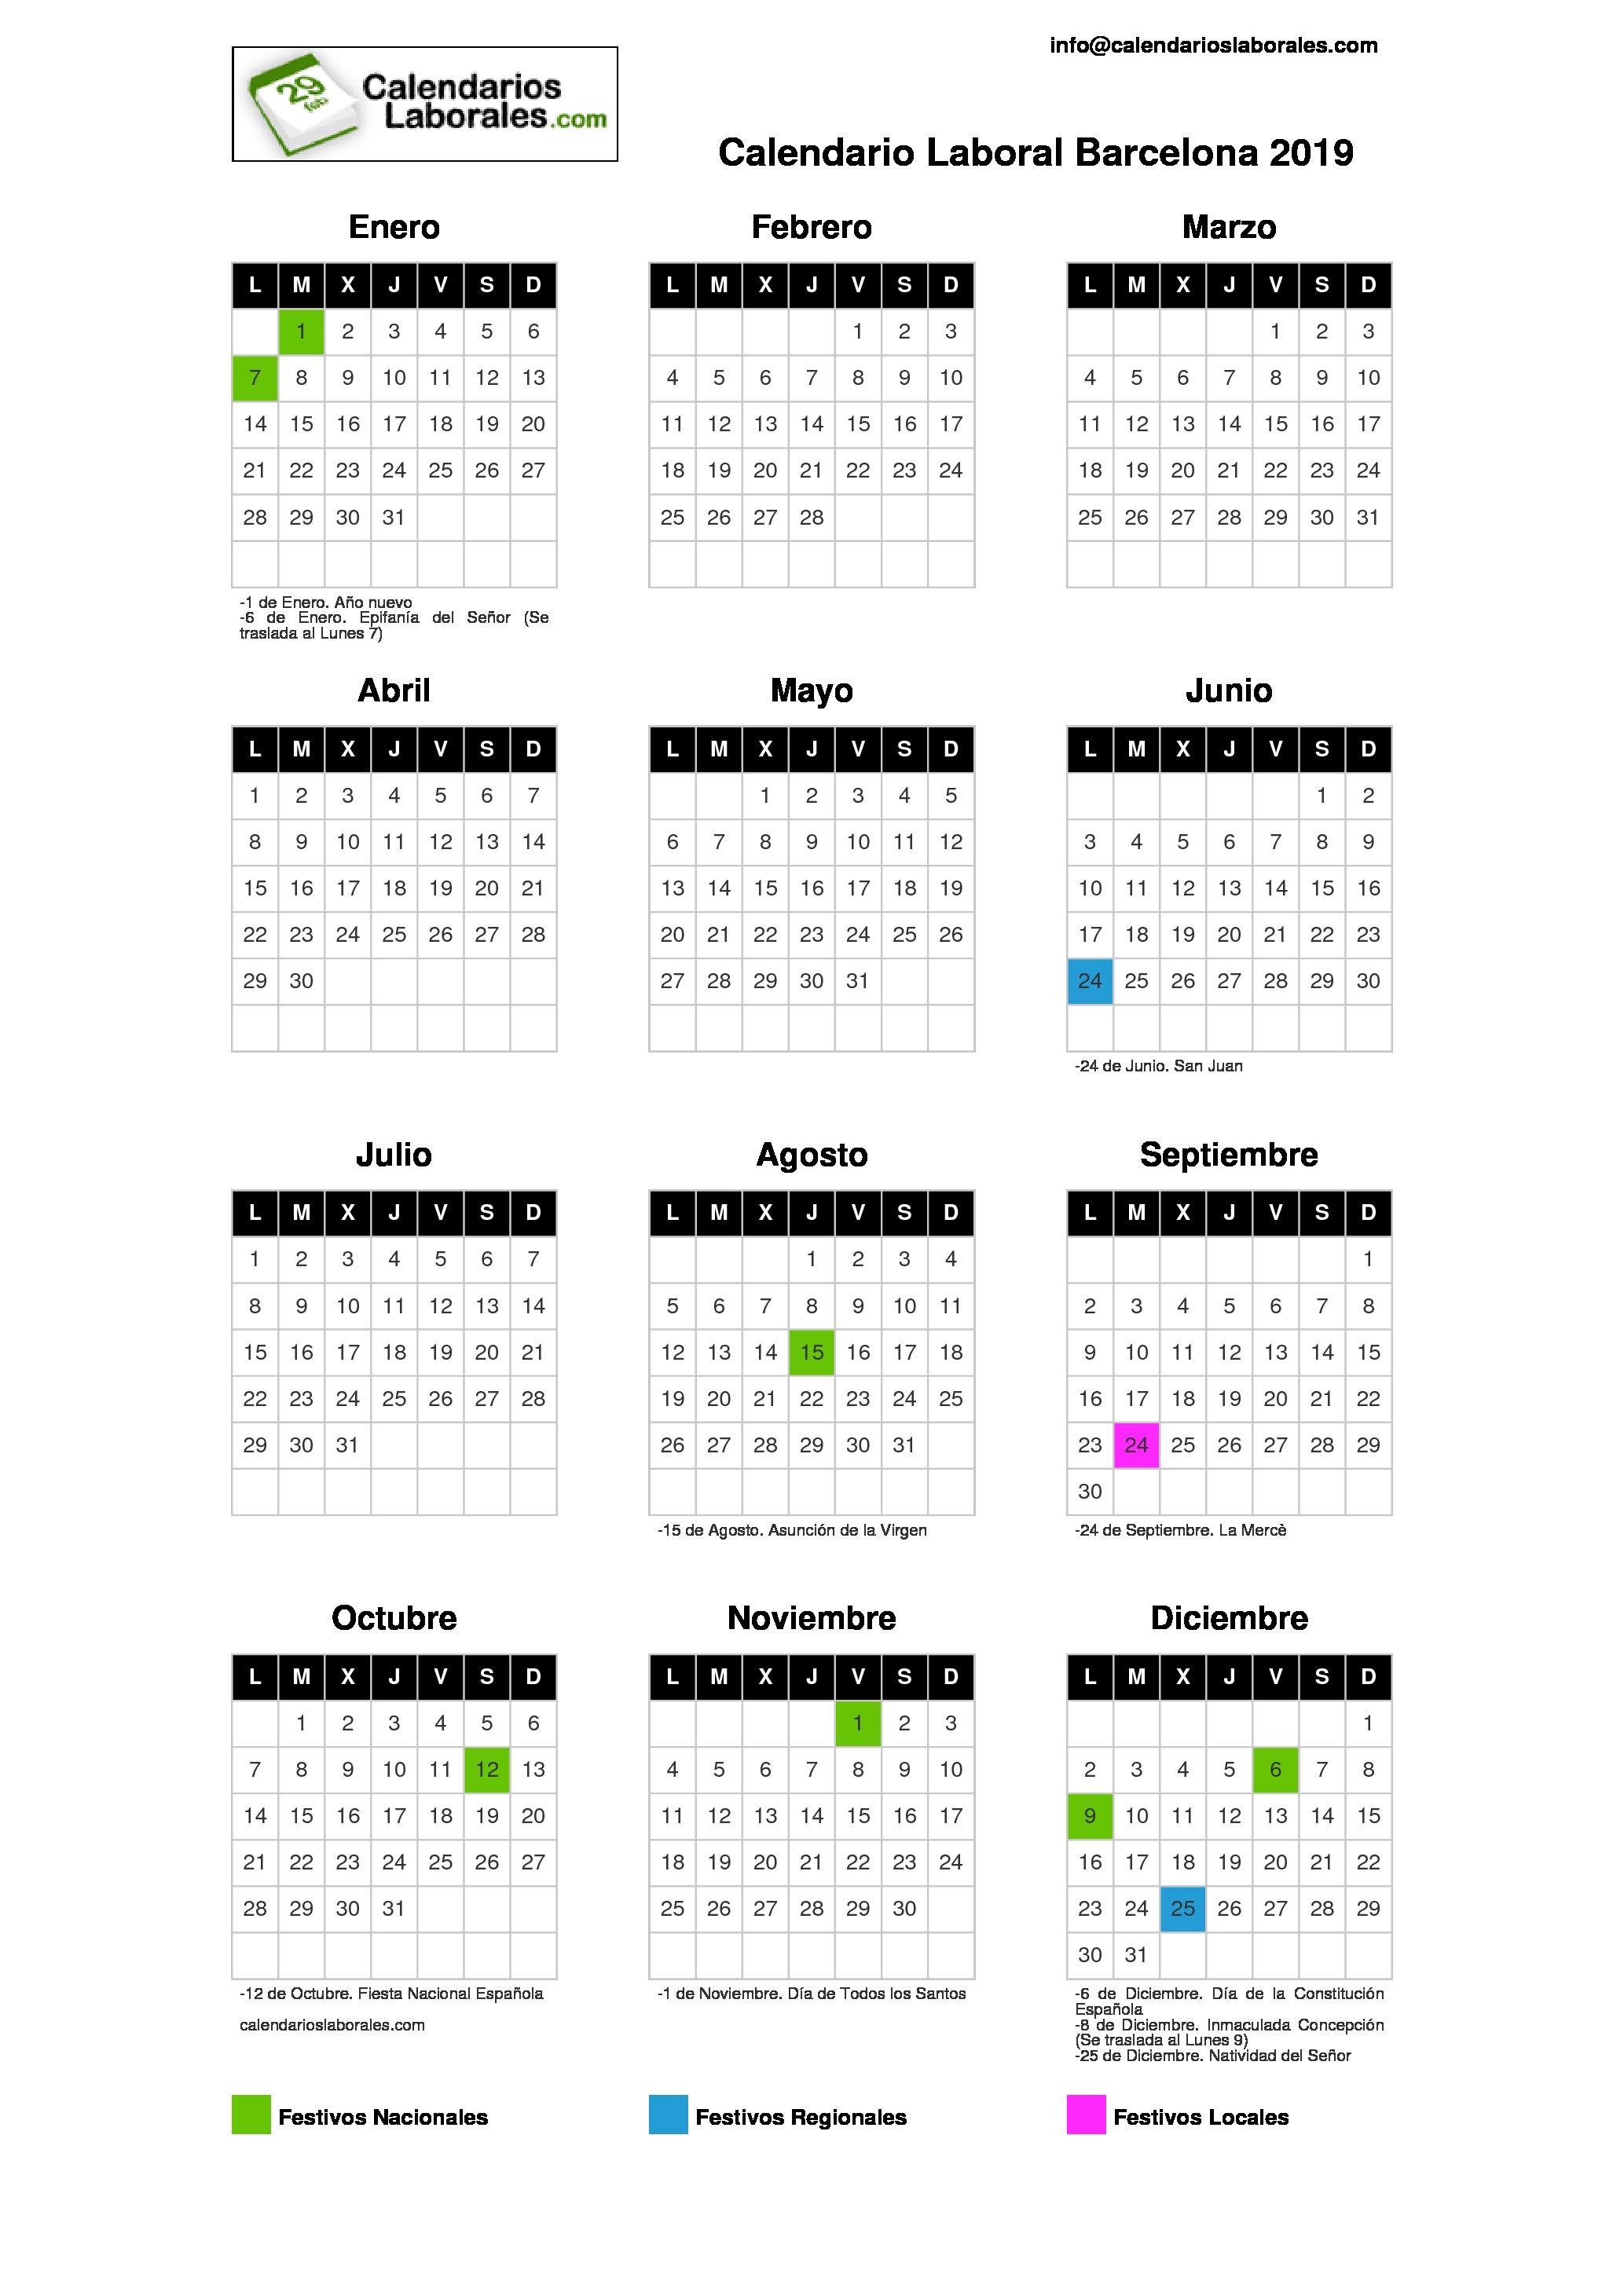 Calendario Santos.Calendario Laboral Barcelona 2019 La Rambla Barcelona